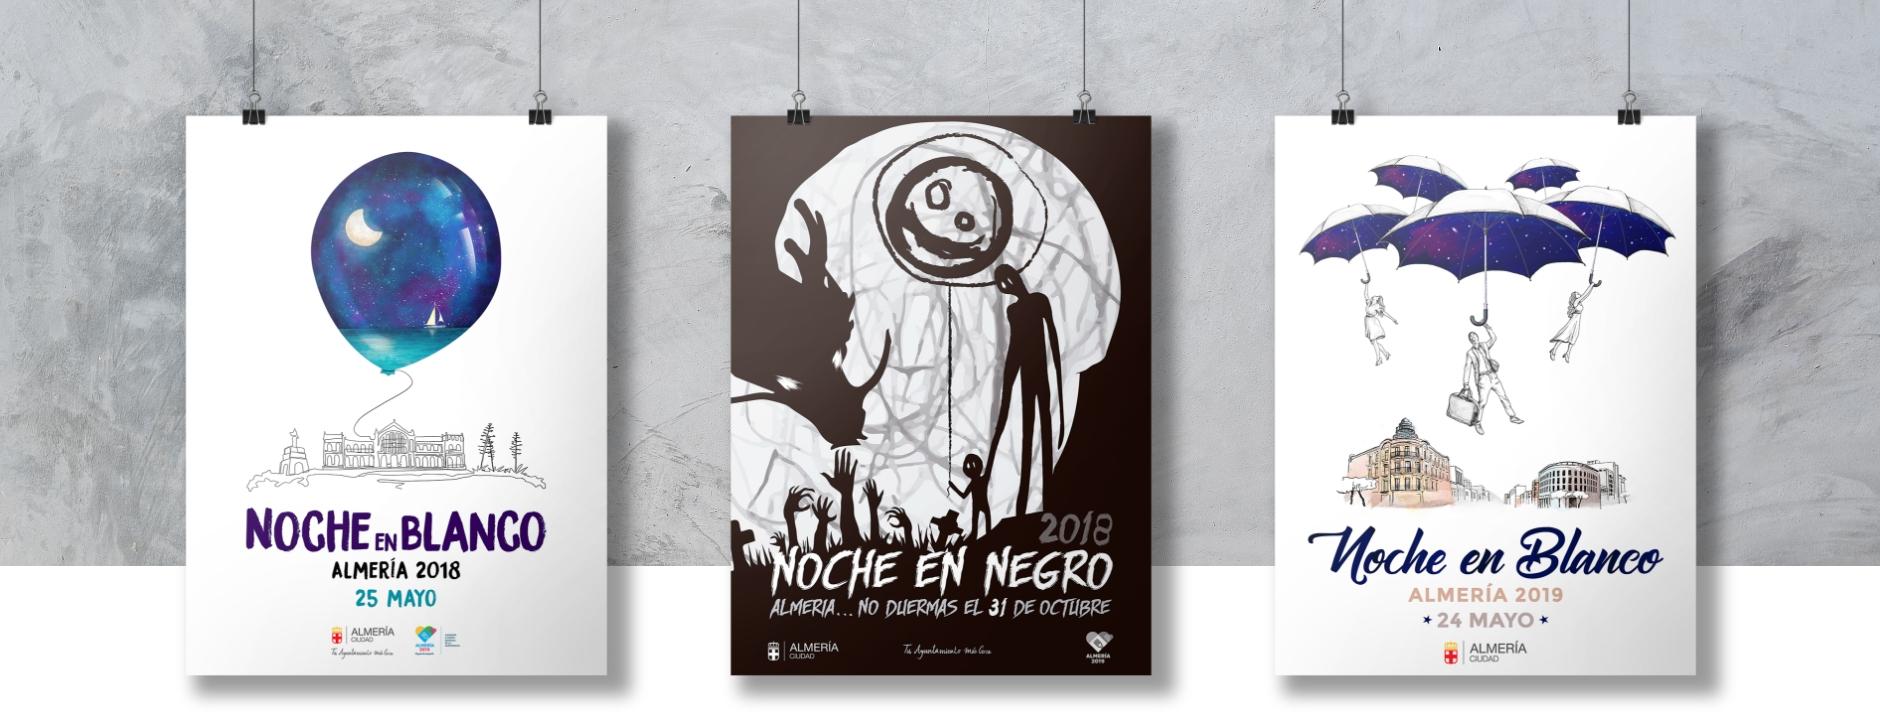 Carteles Noche Blanco - Negro